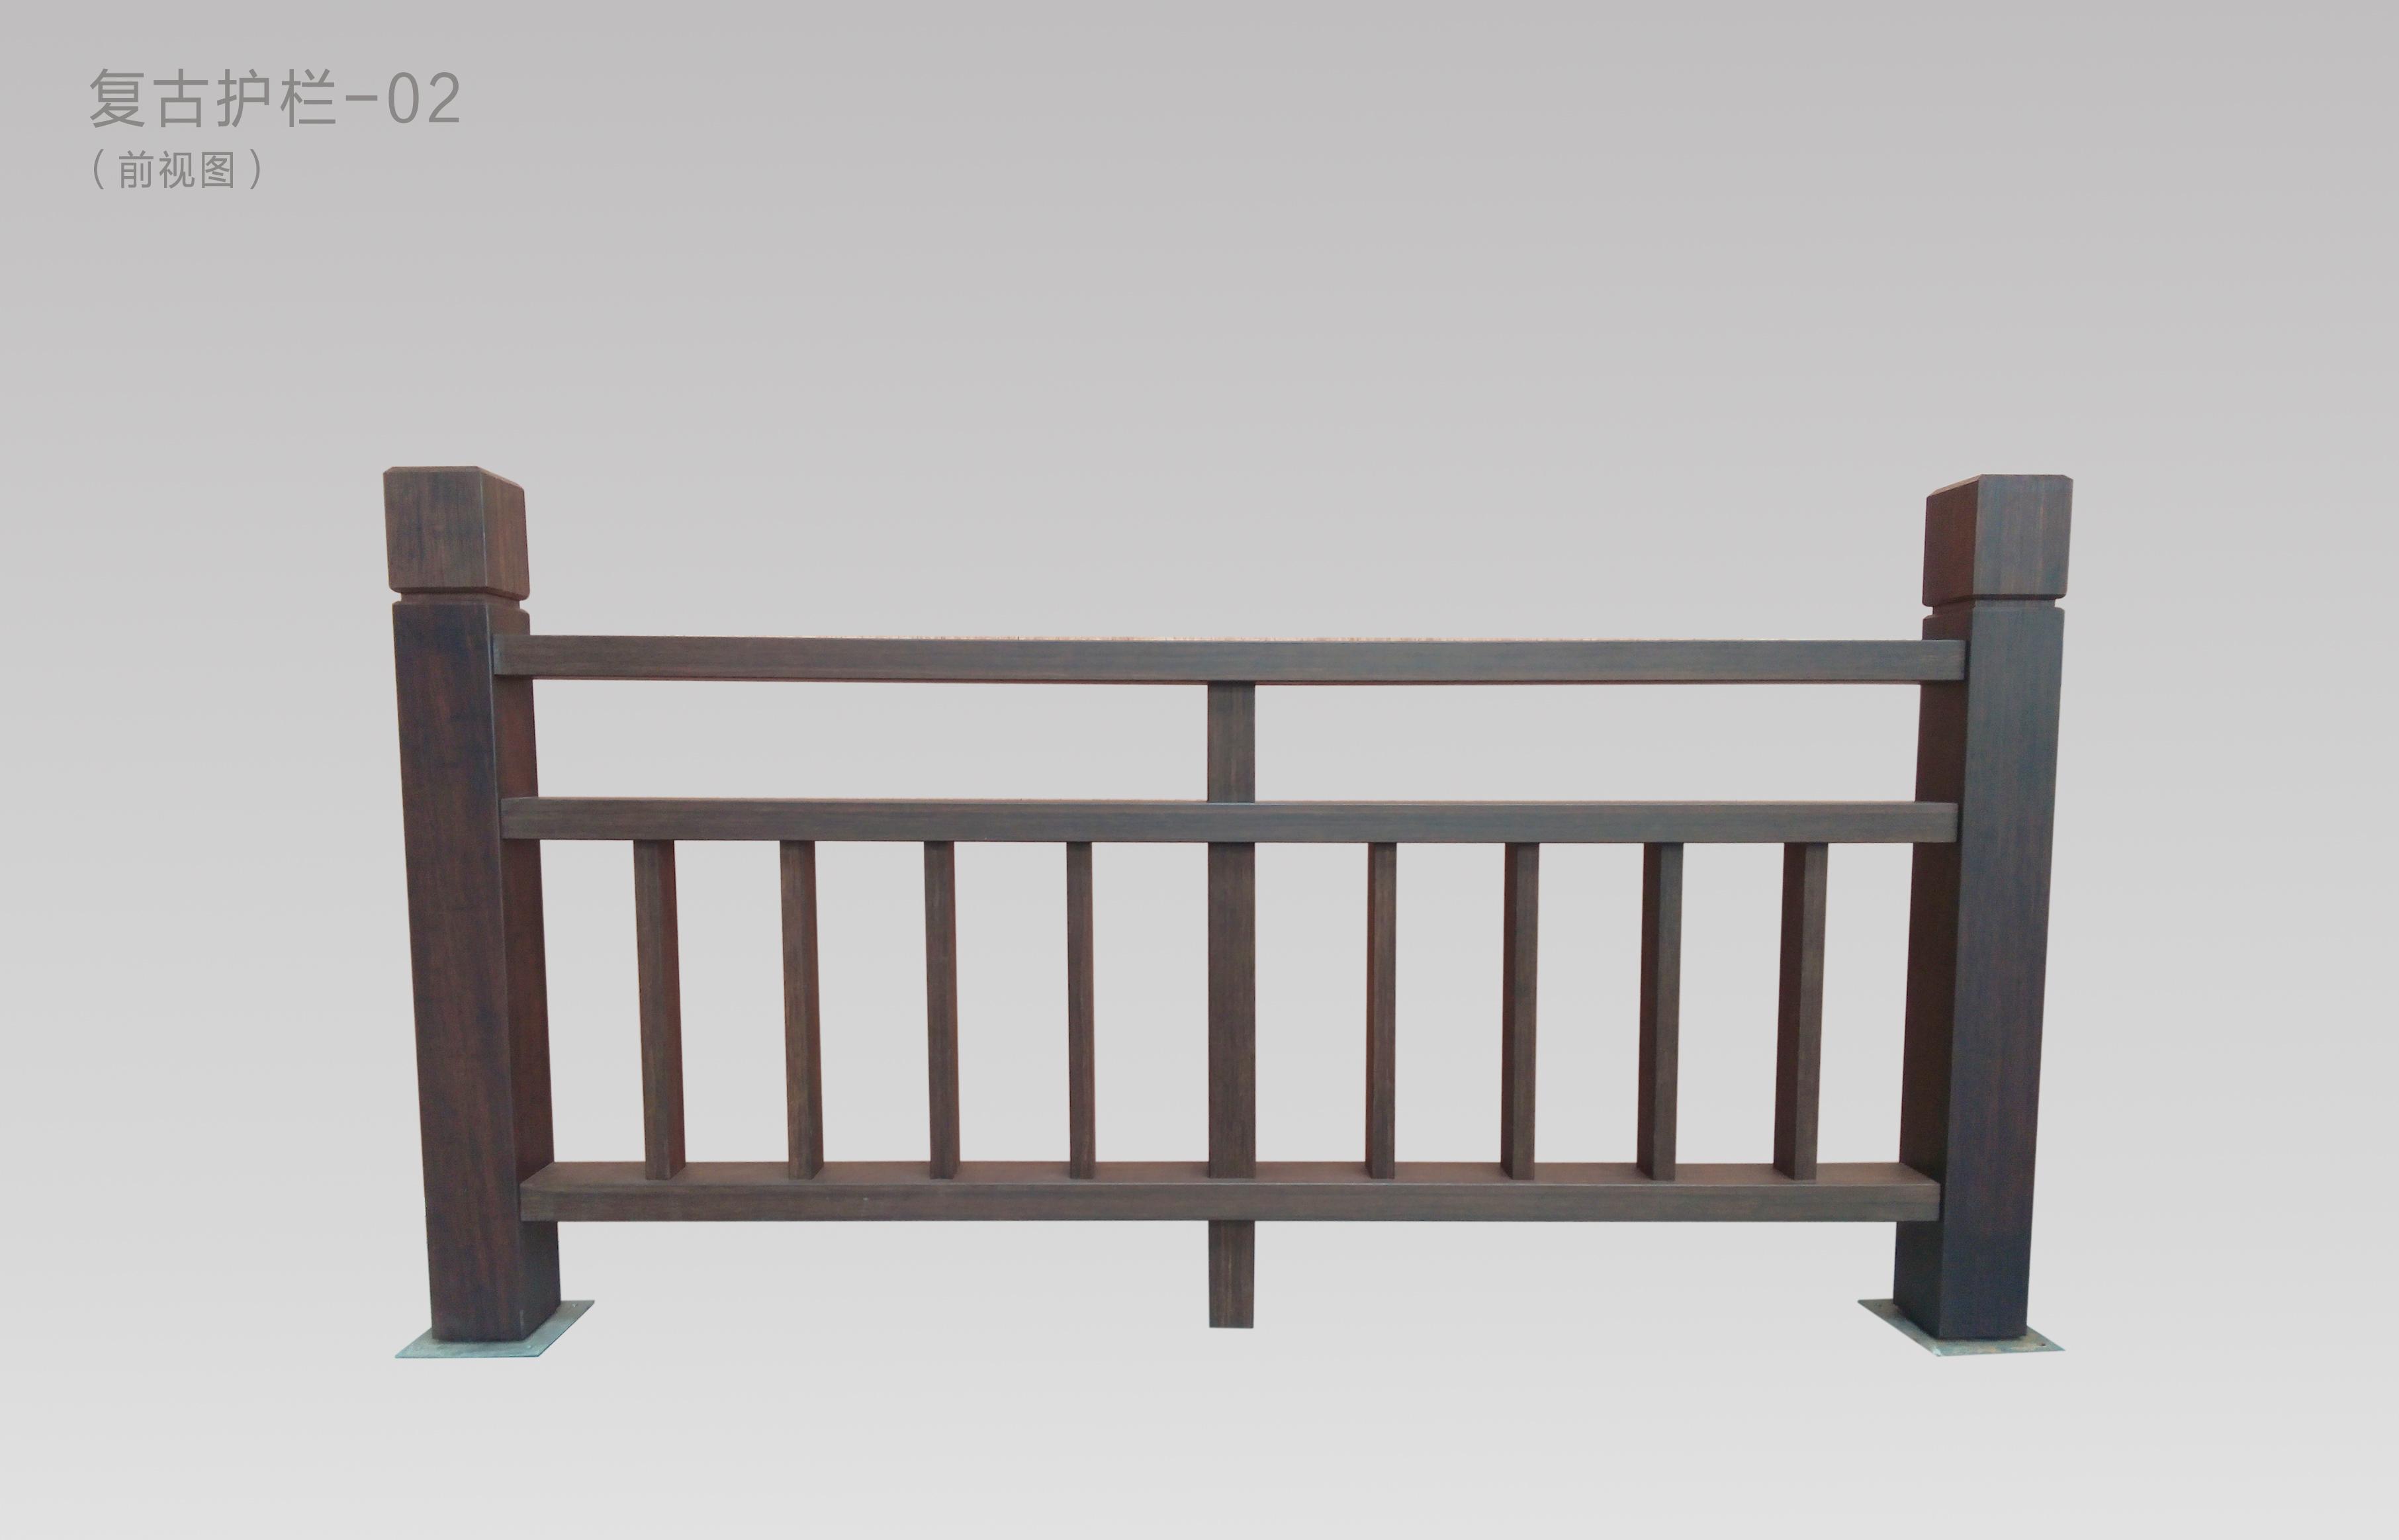 复古护栏—02-前视